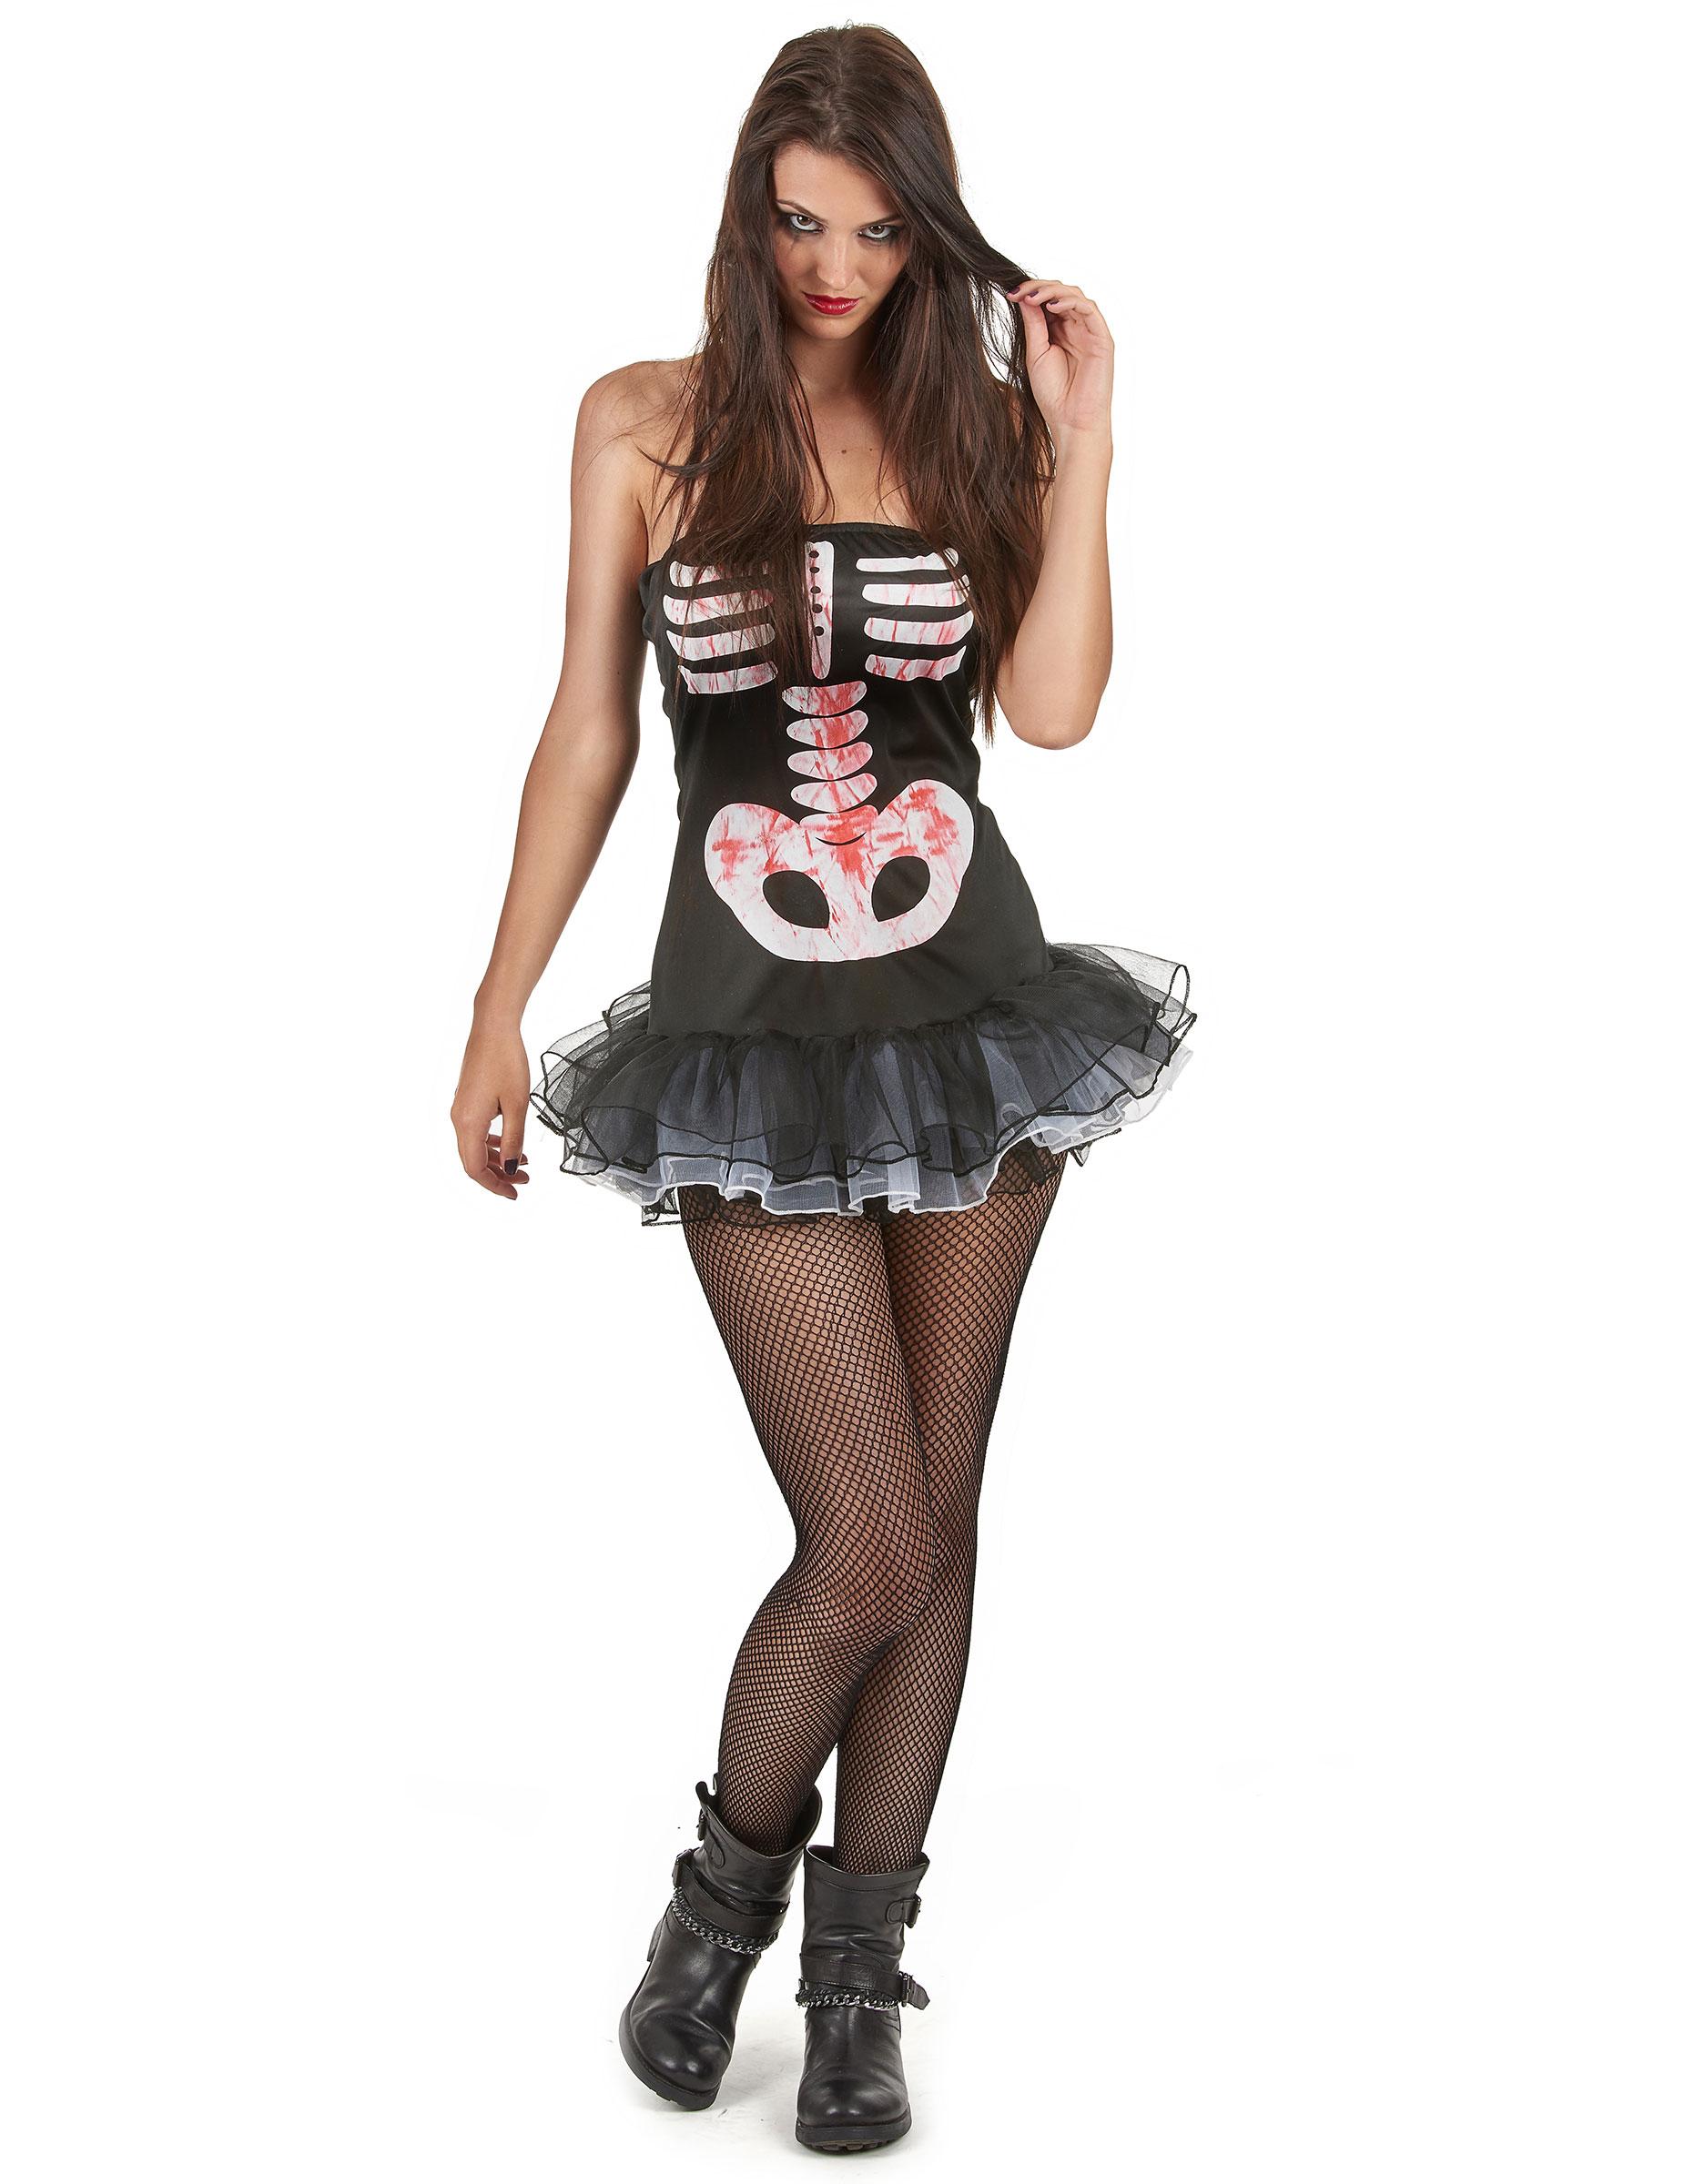 d guisement squelette sexy adulte halloween pour femme d coration anniversaire et f tes th me. Black Bedroom Furniture Sets. Home Design Ideas